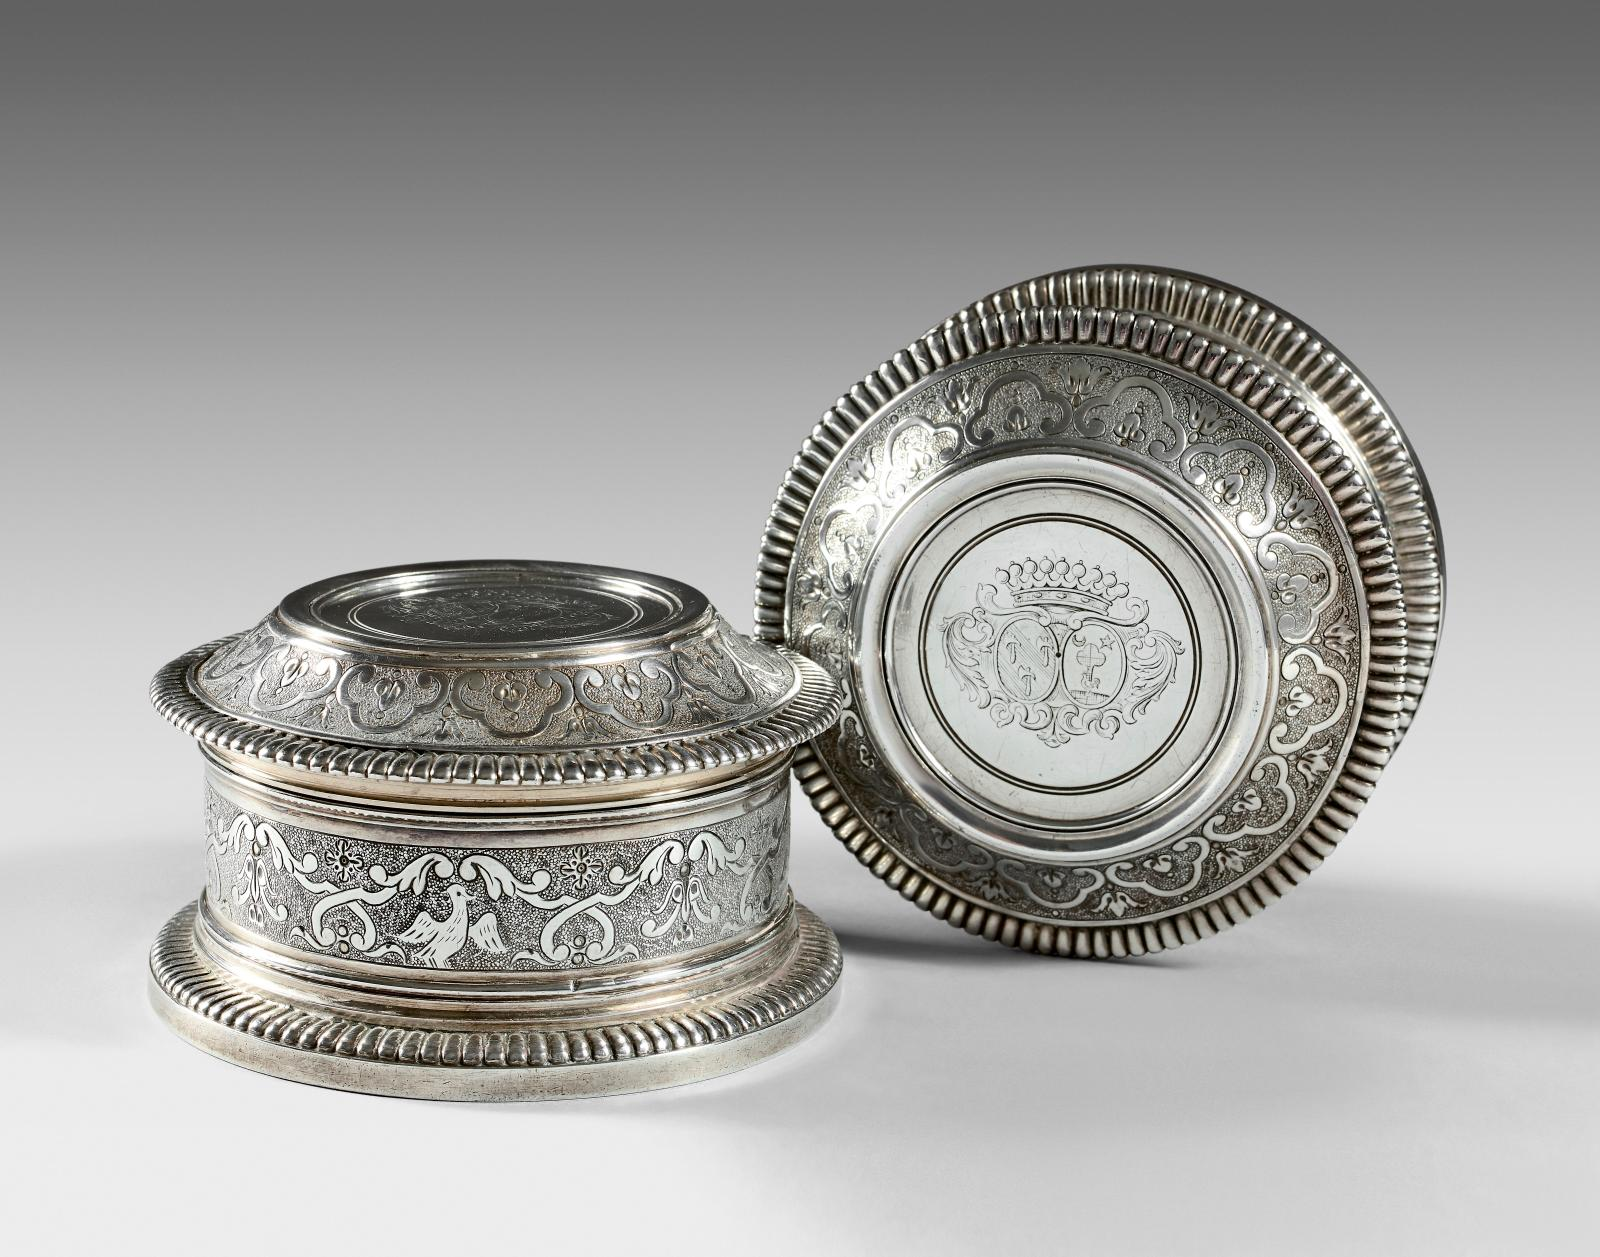 Paire de boîtes de toilette en argent à décor d'entrelacs feuillagés et volatiles, gravées d'armes d'alliance timbrées d'une couronne comt